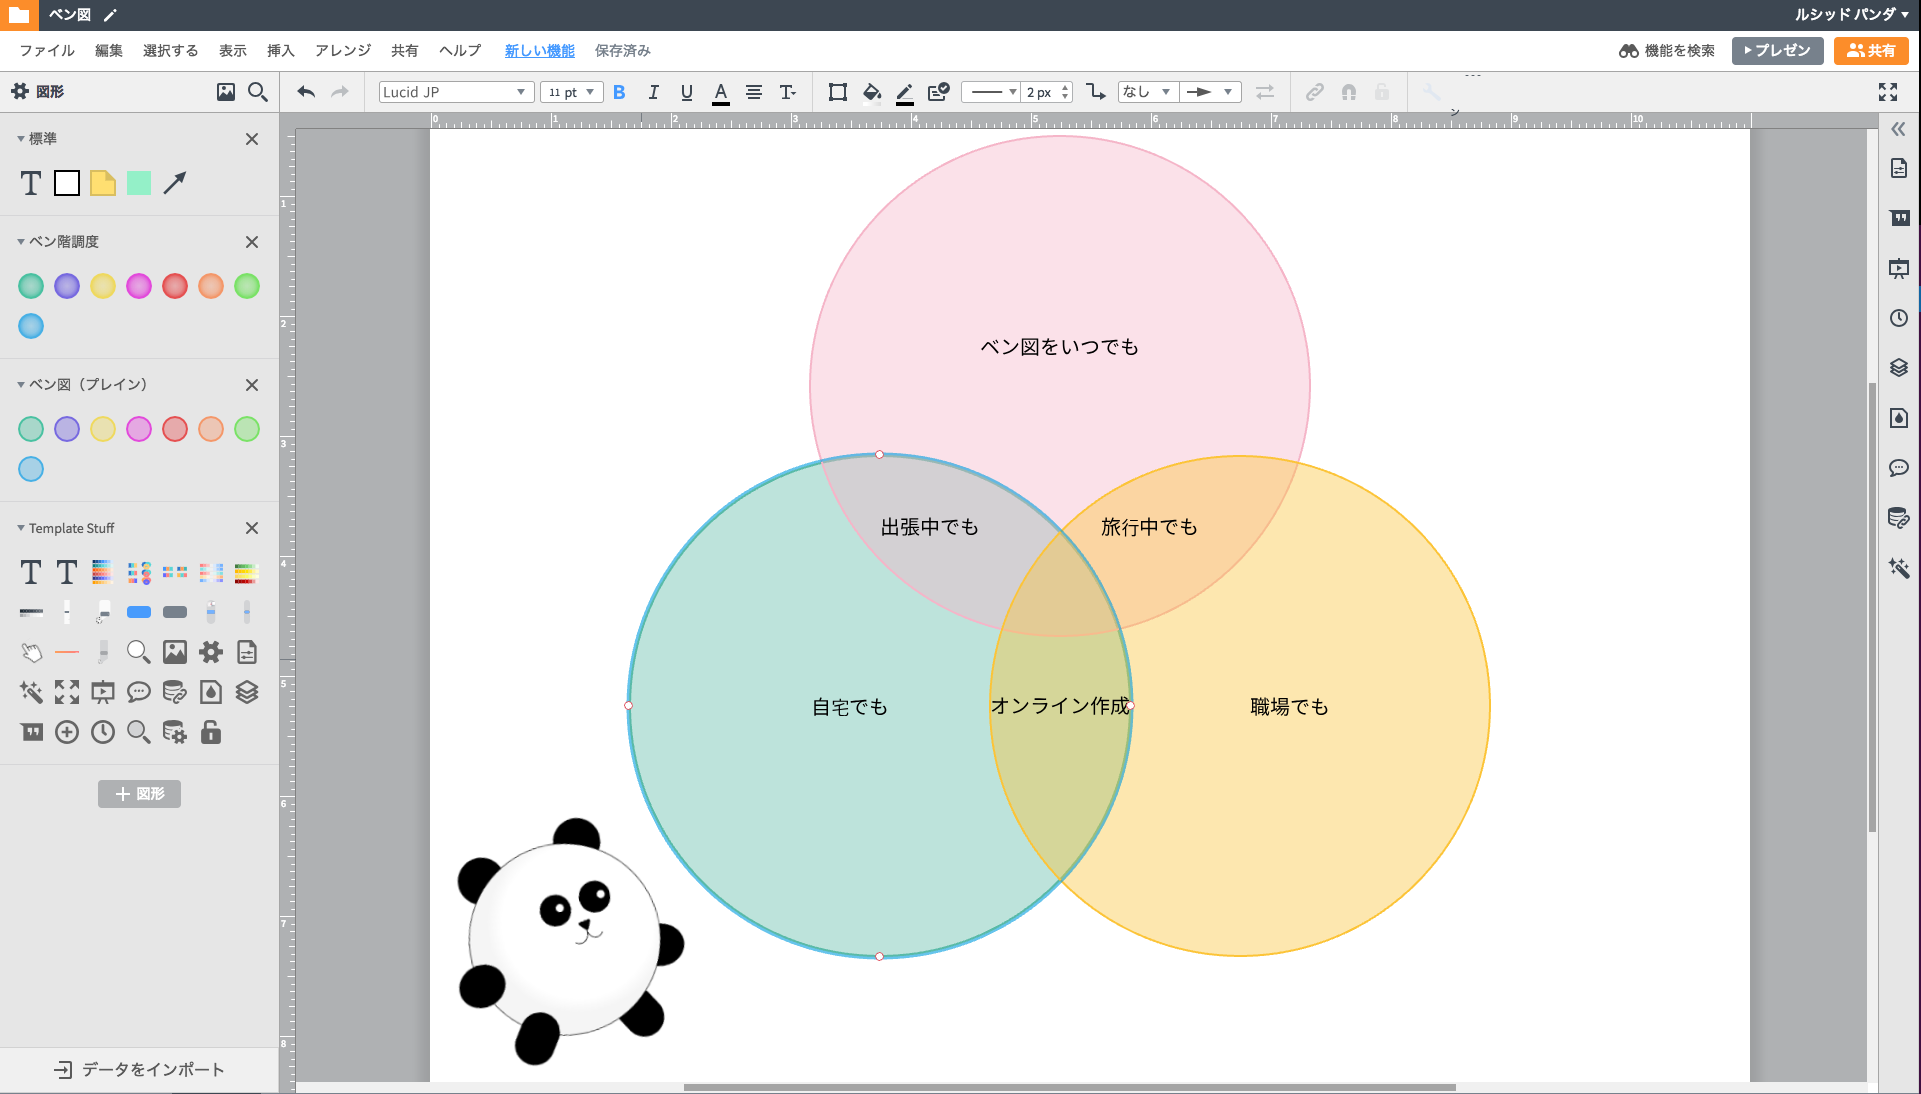 3つの円のベン図作成